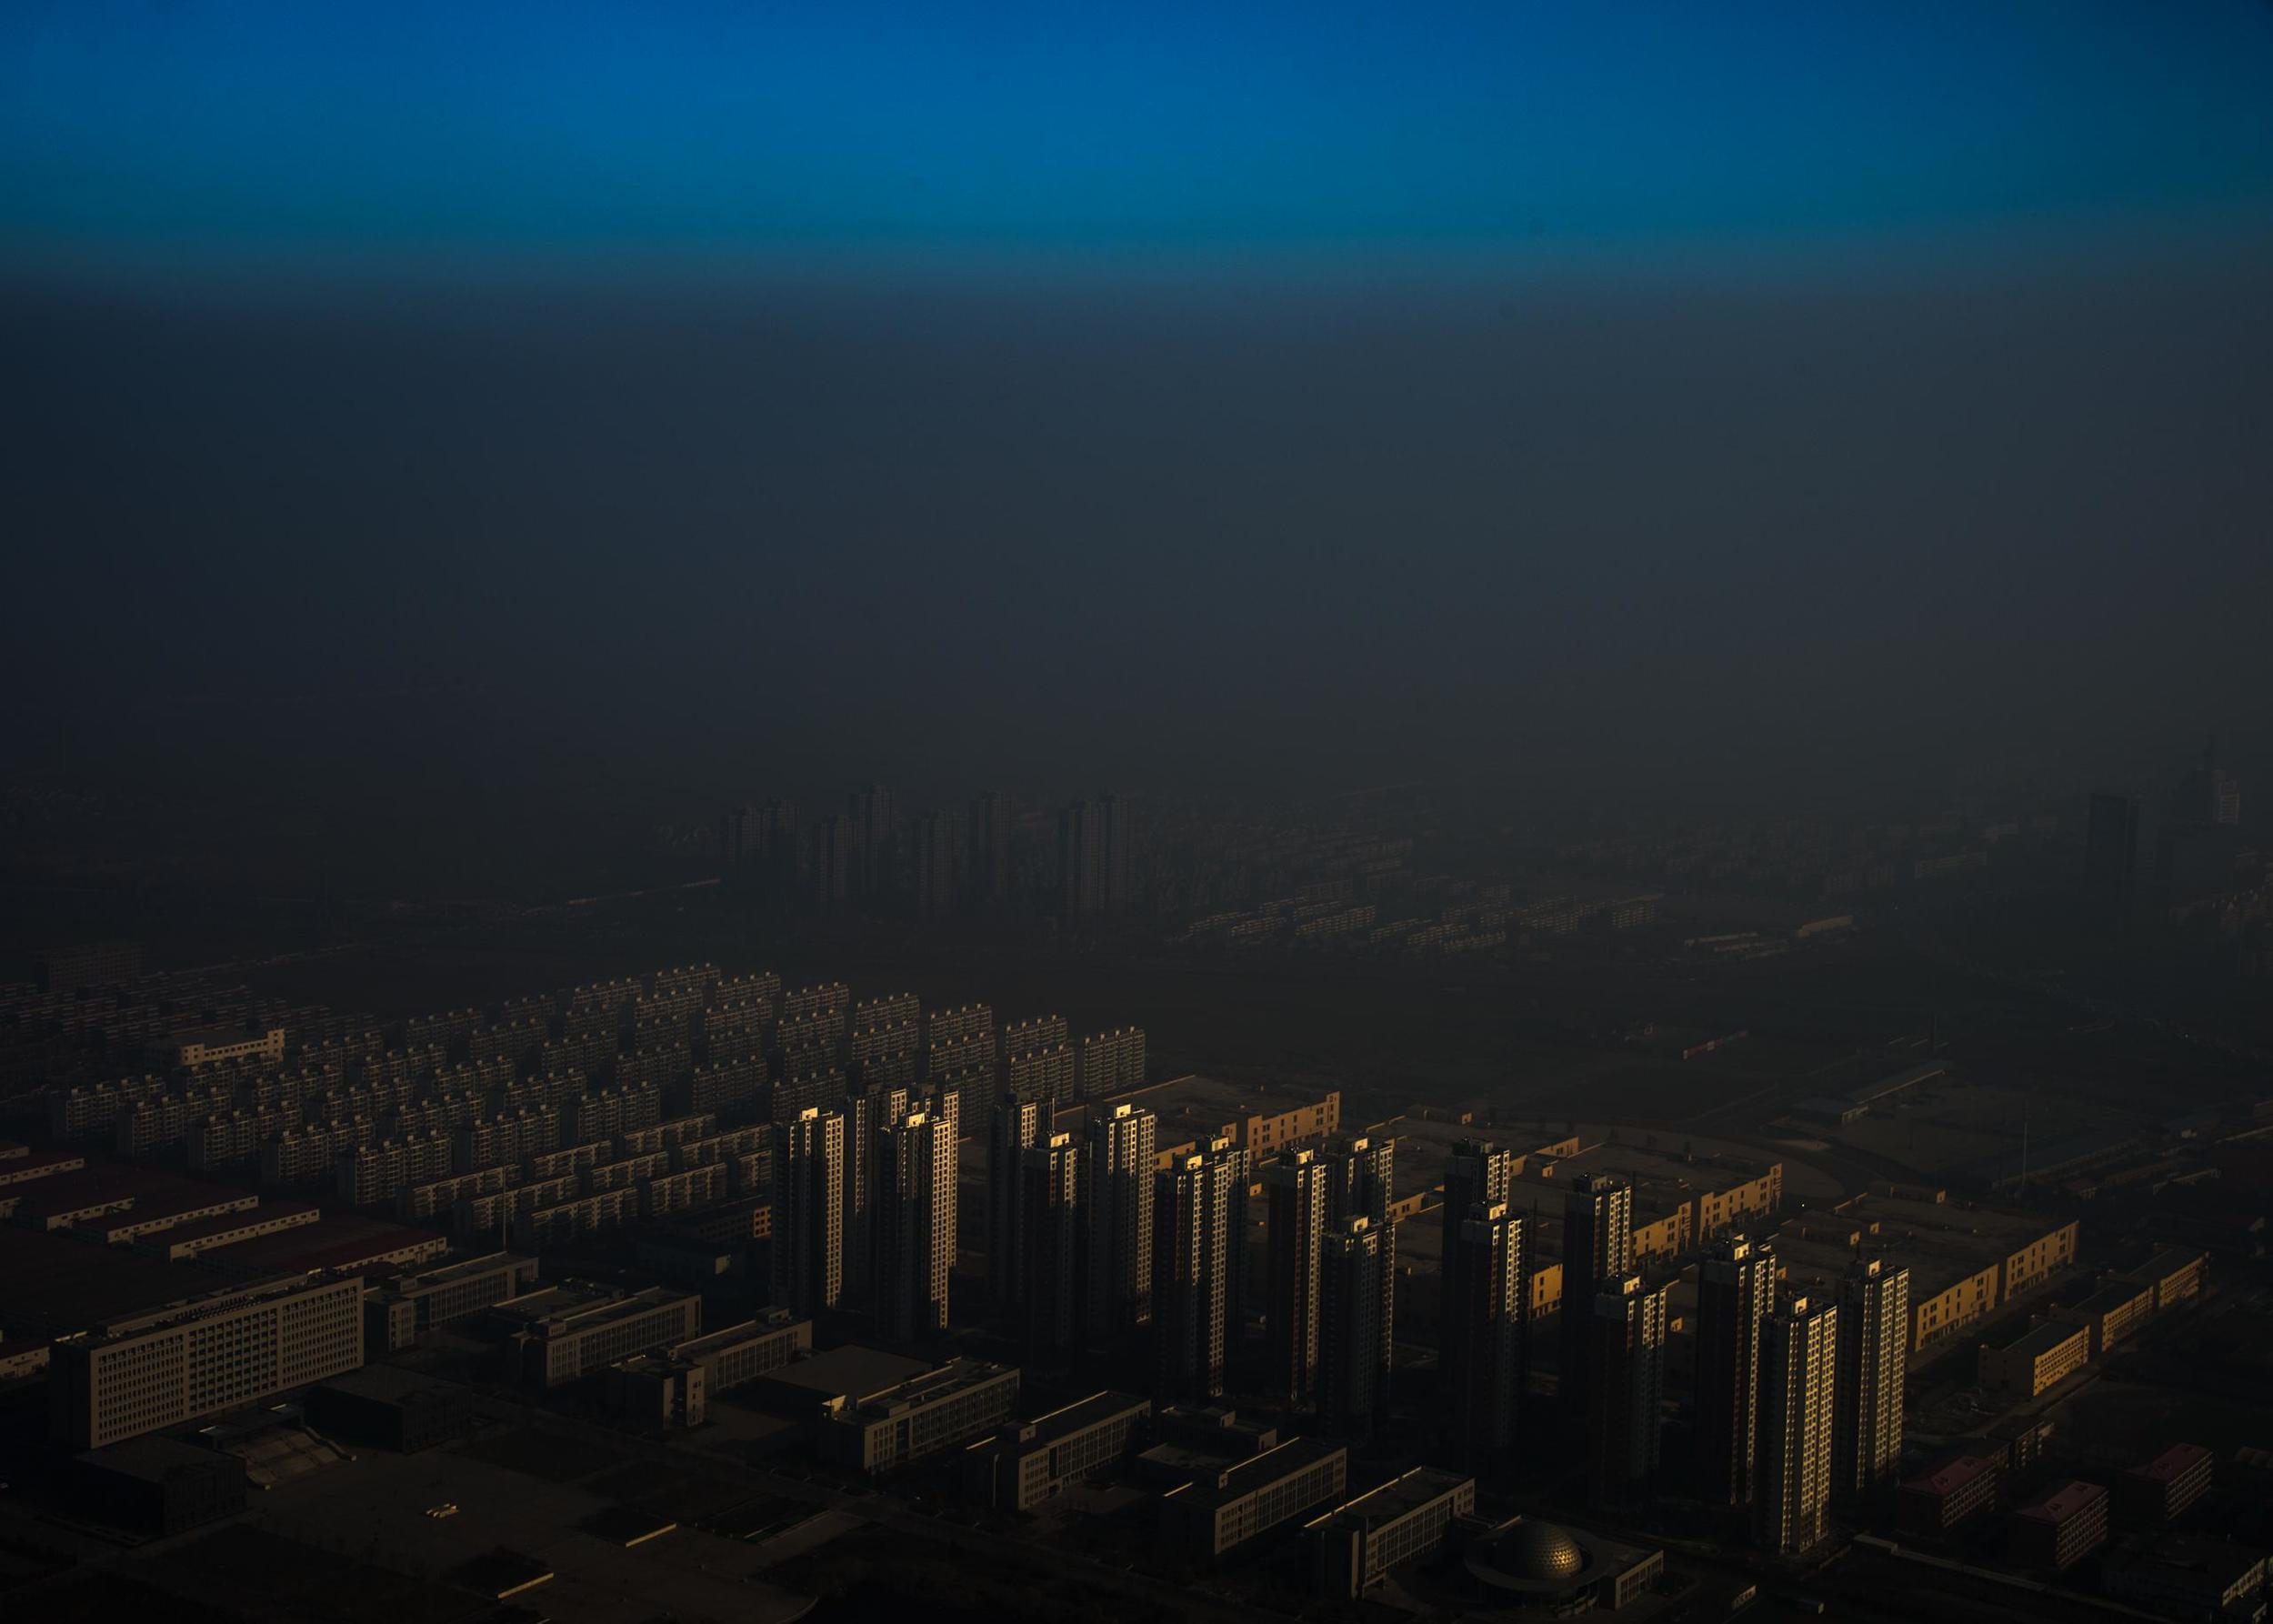 雾霾在中国张磊      2015/12/10      天津,中国      EXIF:      相机: Nikon D4       快门: 1/500s      光圈: f10      焦距: 44mm ISO: 100